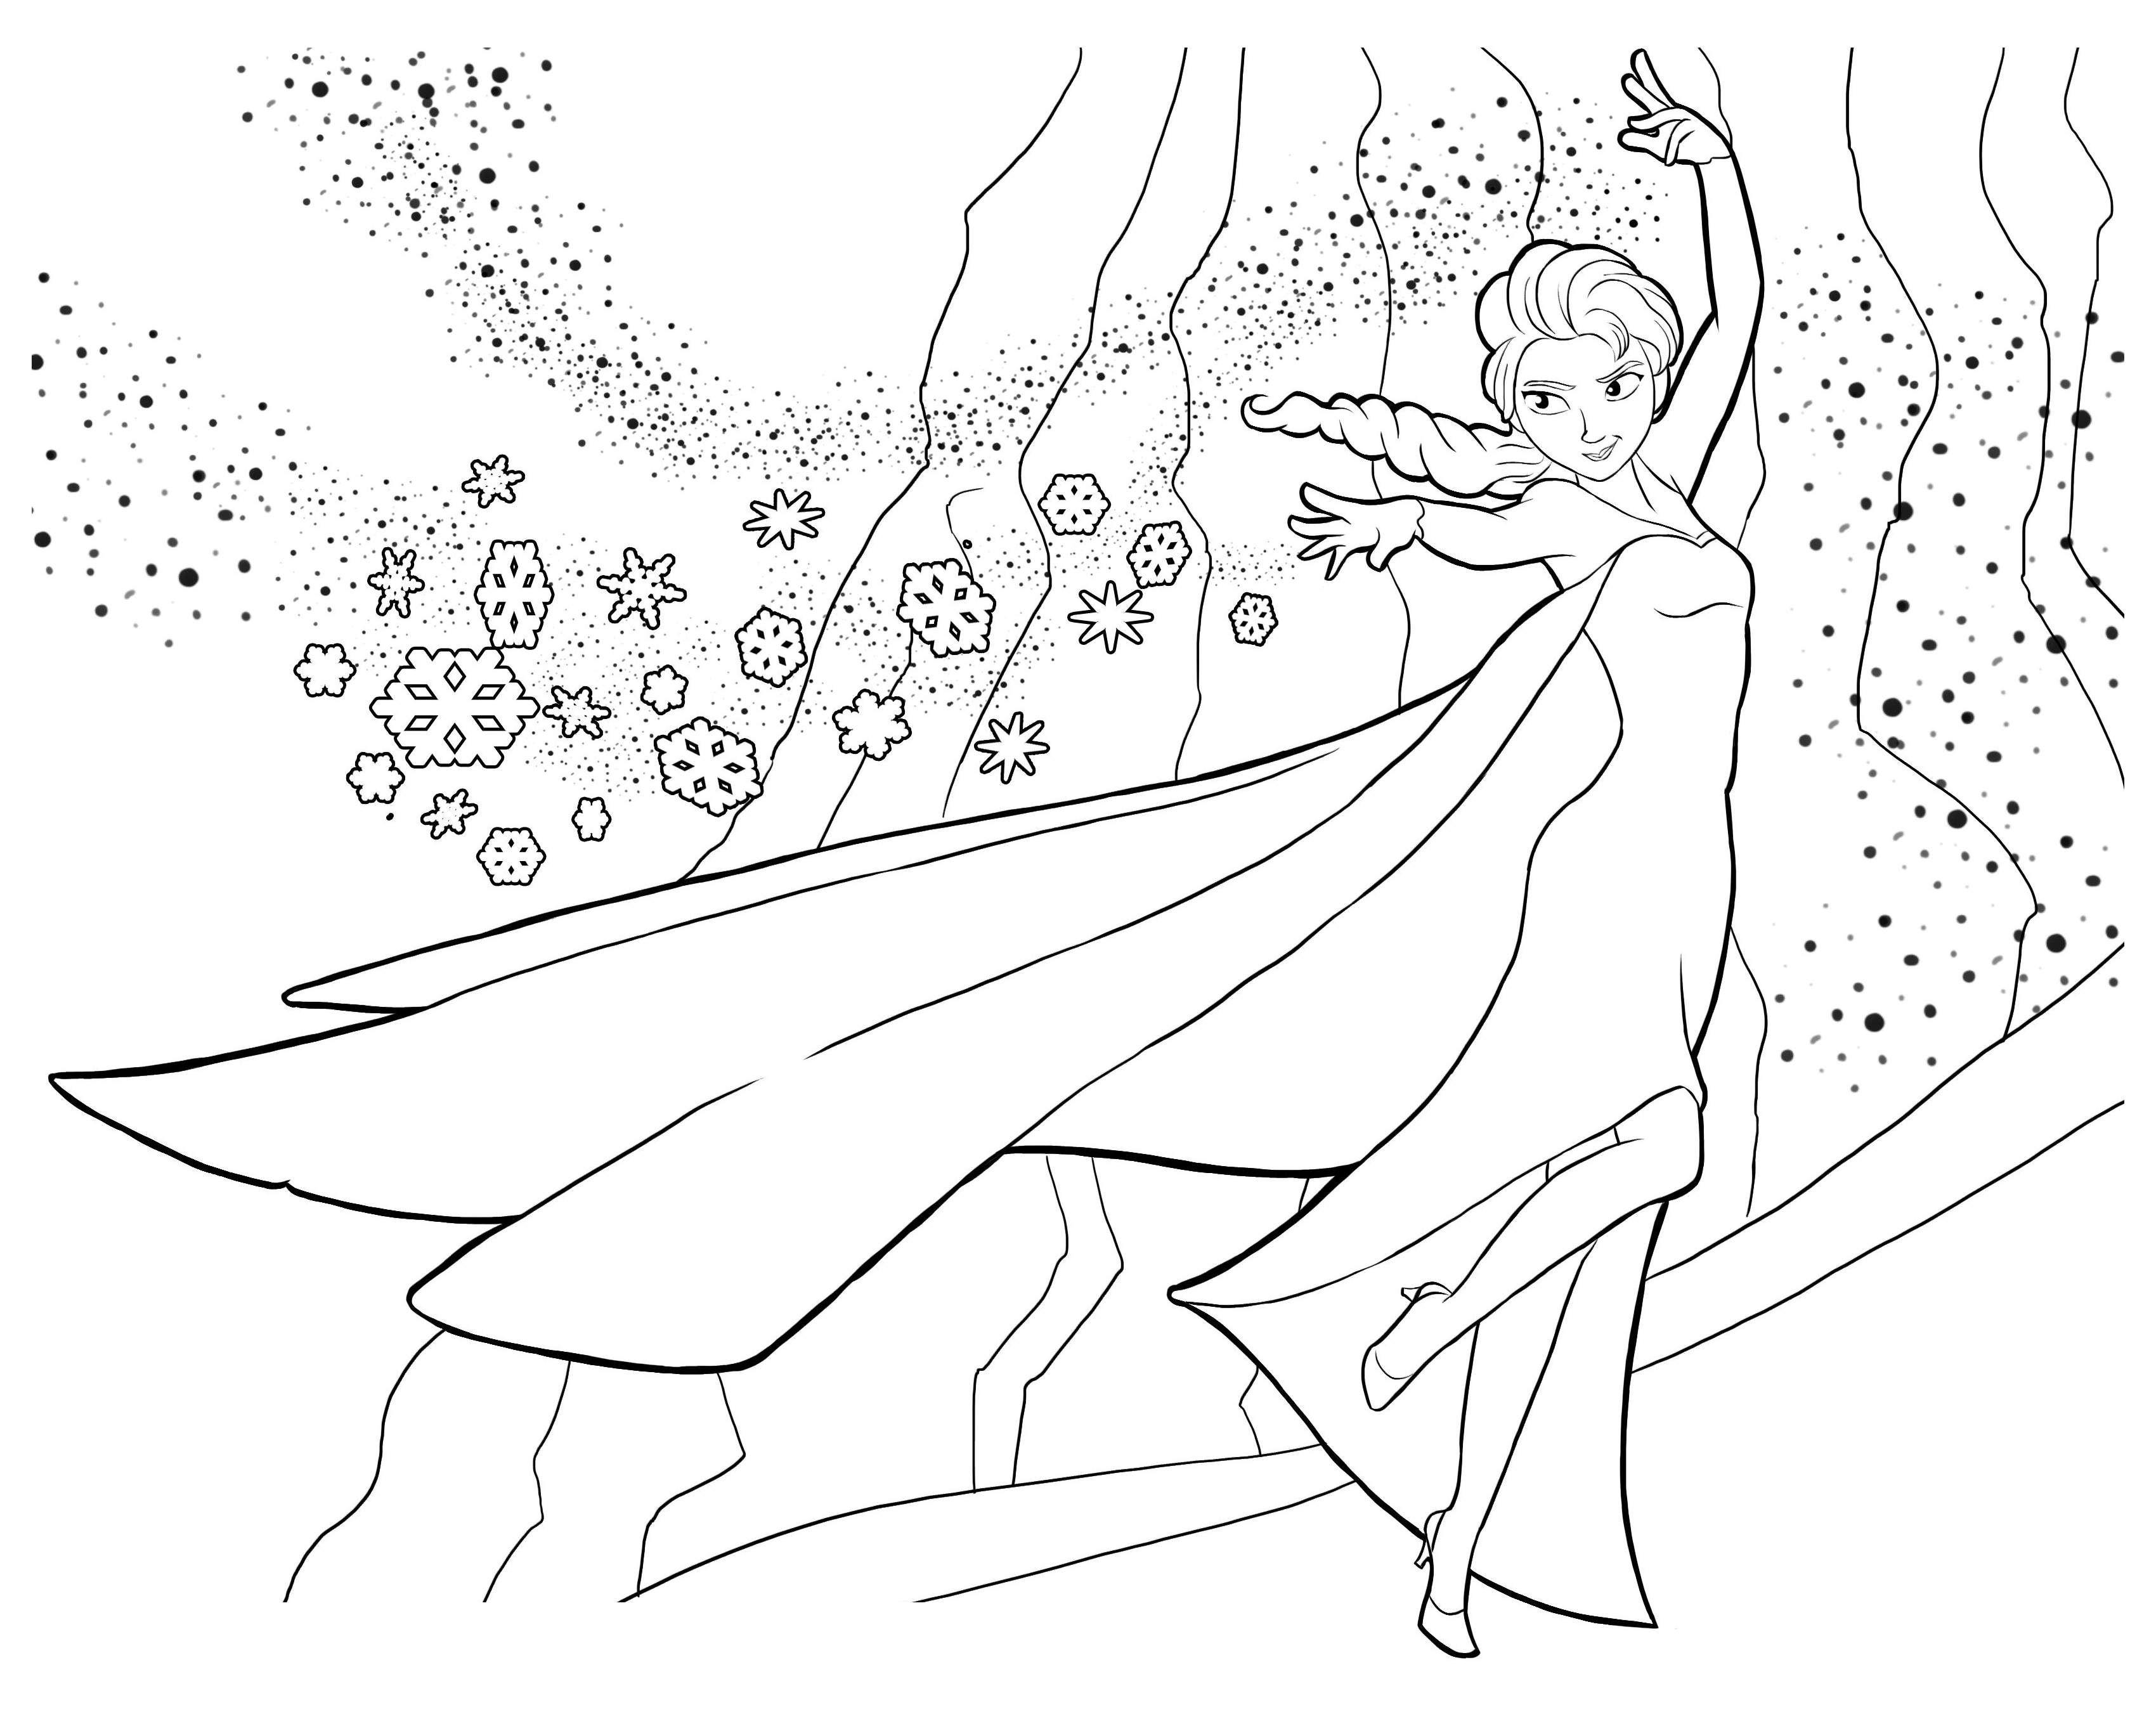 Reine Des Neiges Coloriage Gratuit Collection | Coloriage intérieur Le Dessin Animé De La Reine Des Neiges